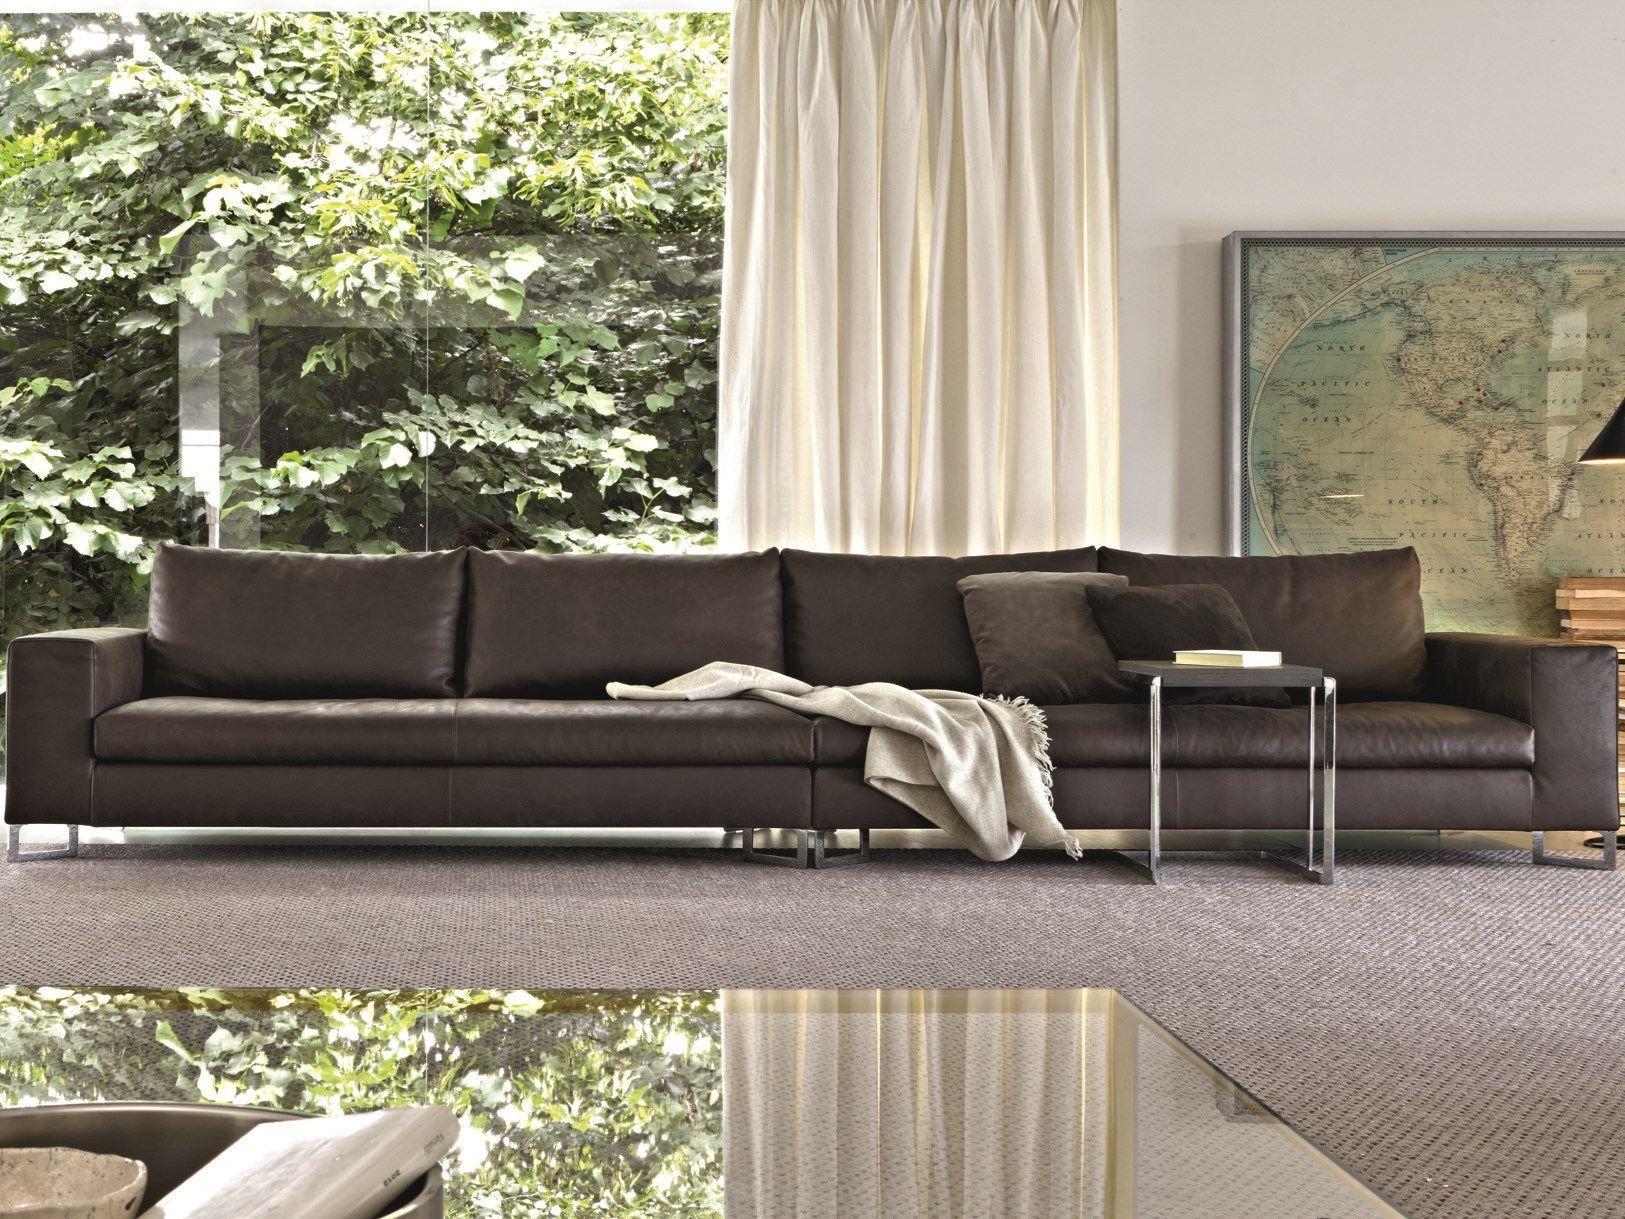 LARGE Divano in pelle by MOLTENI & C. design Ferruccio Laviani